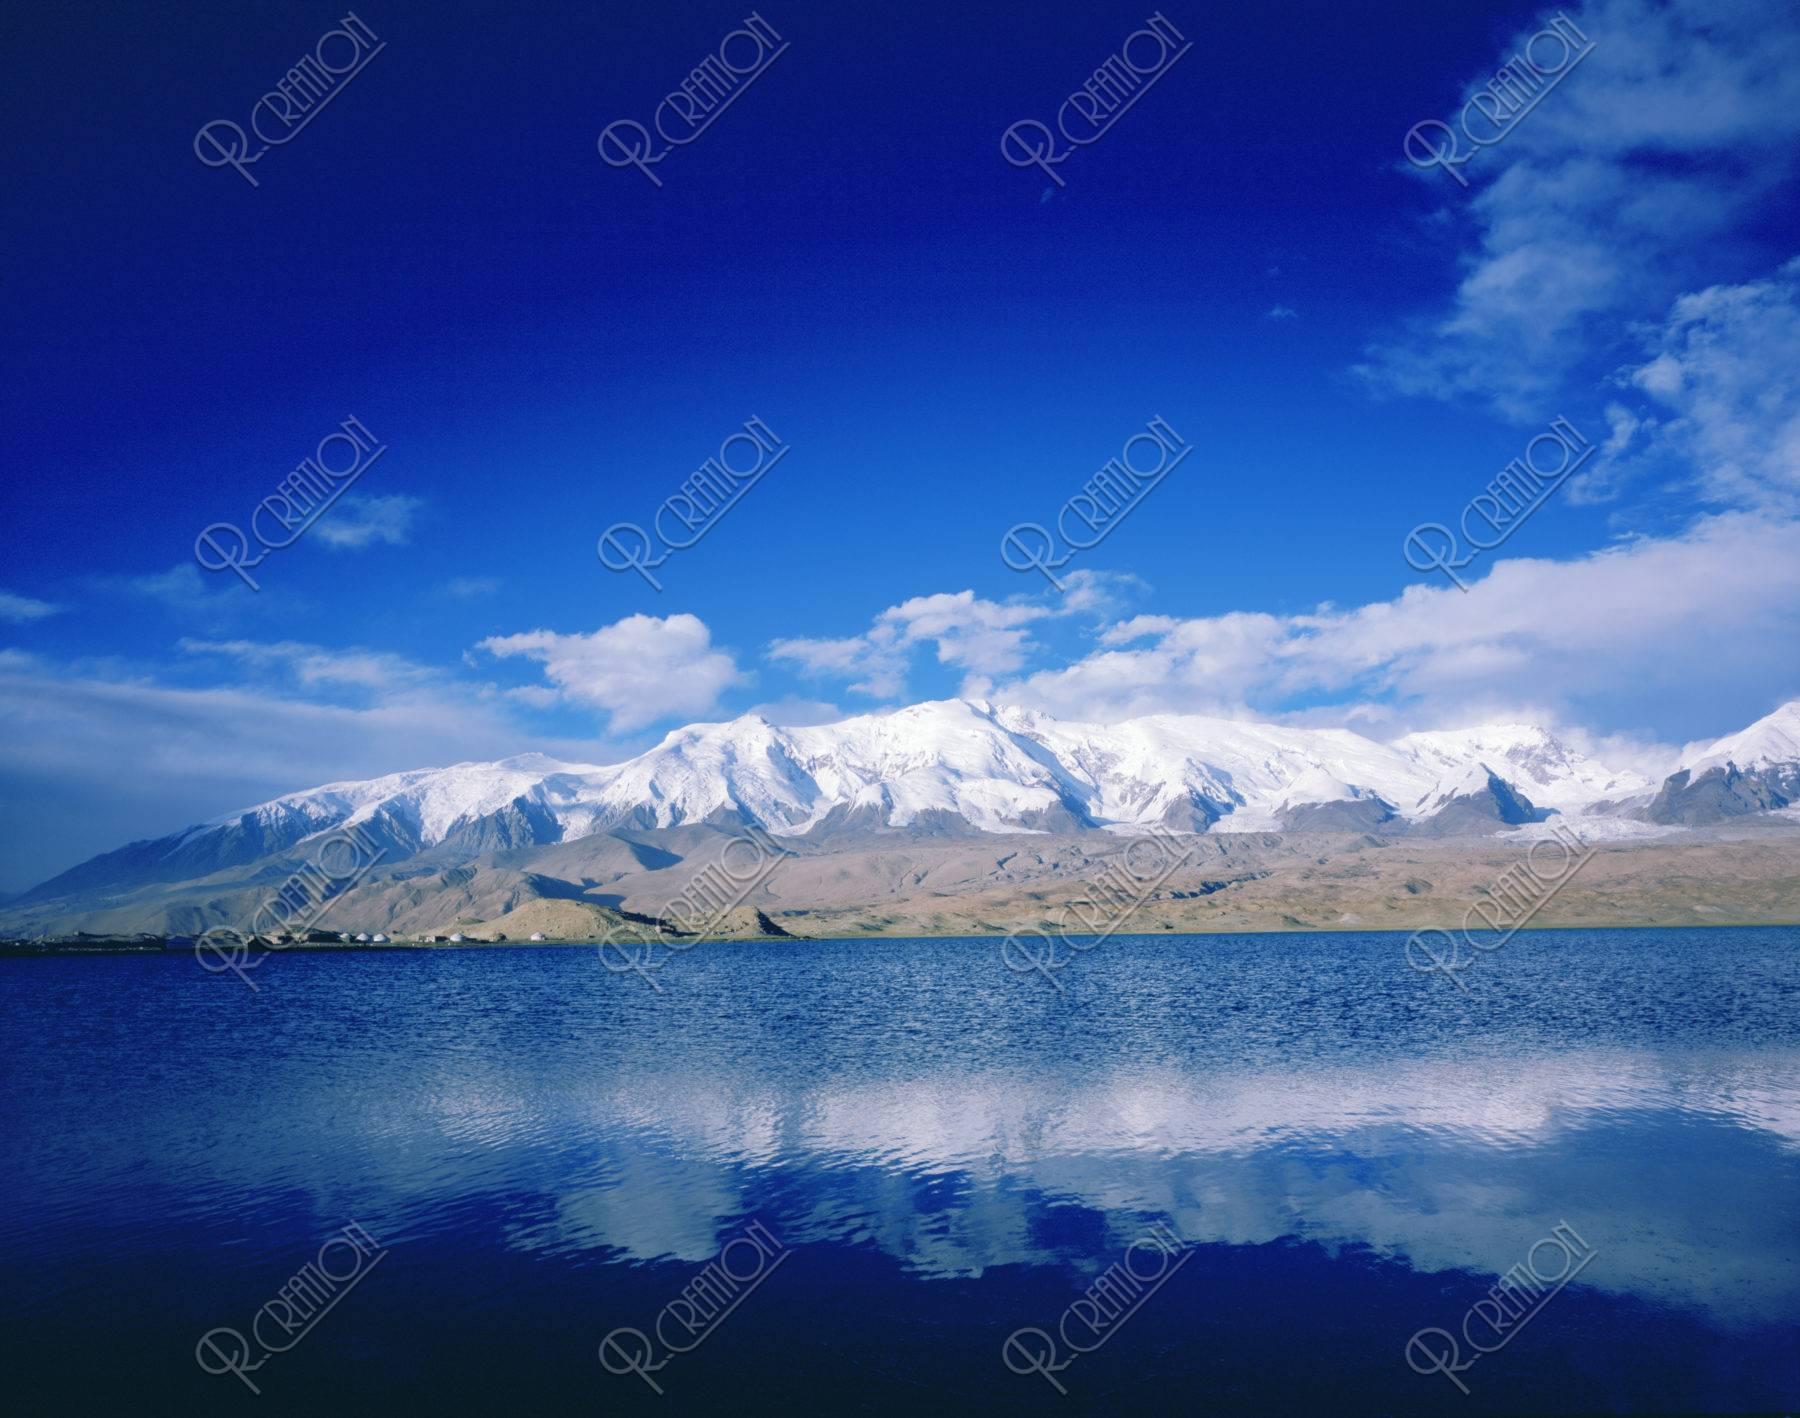 カラクリ湖とコングール山